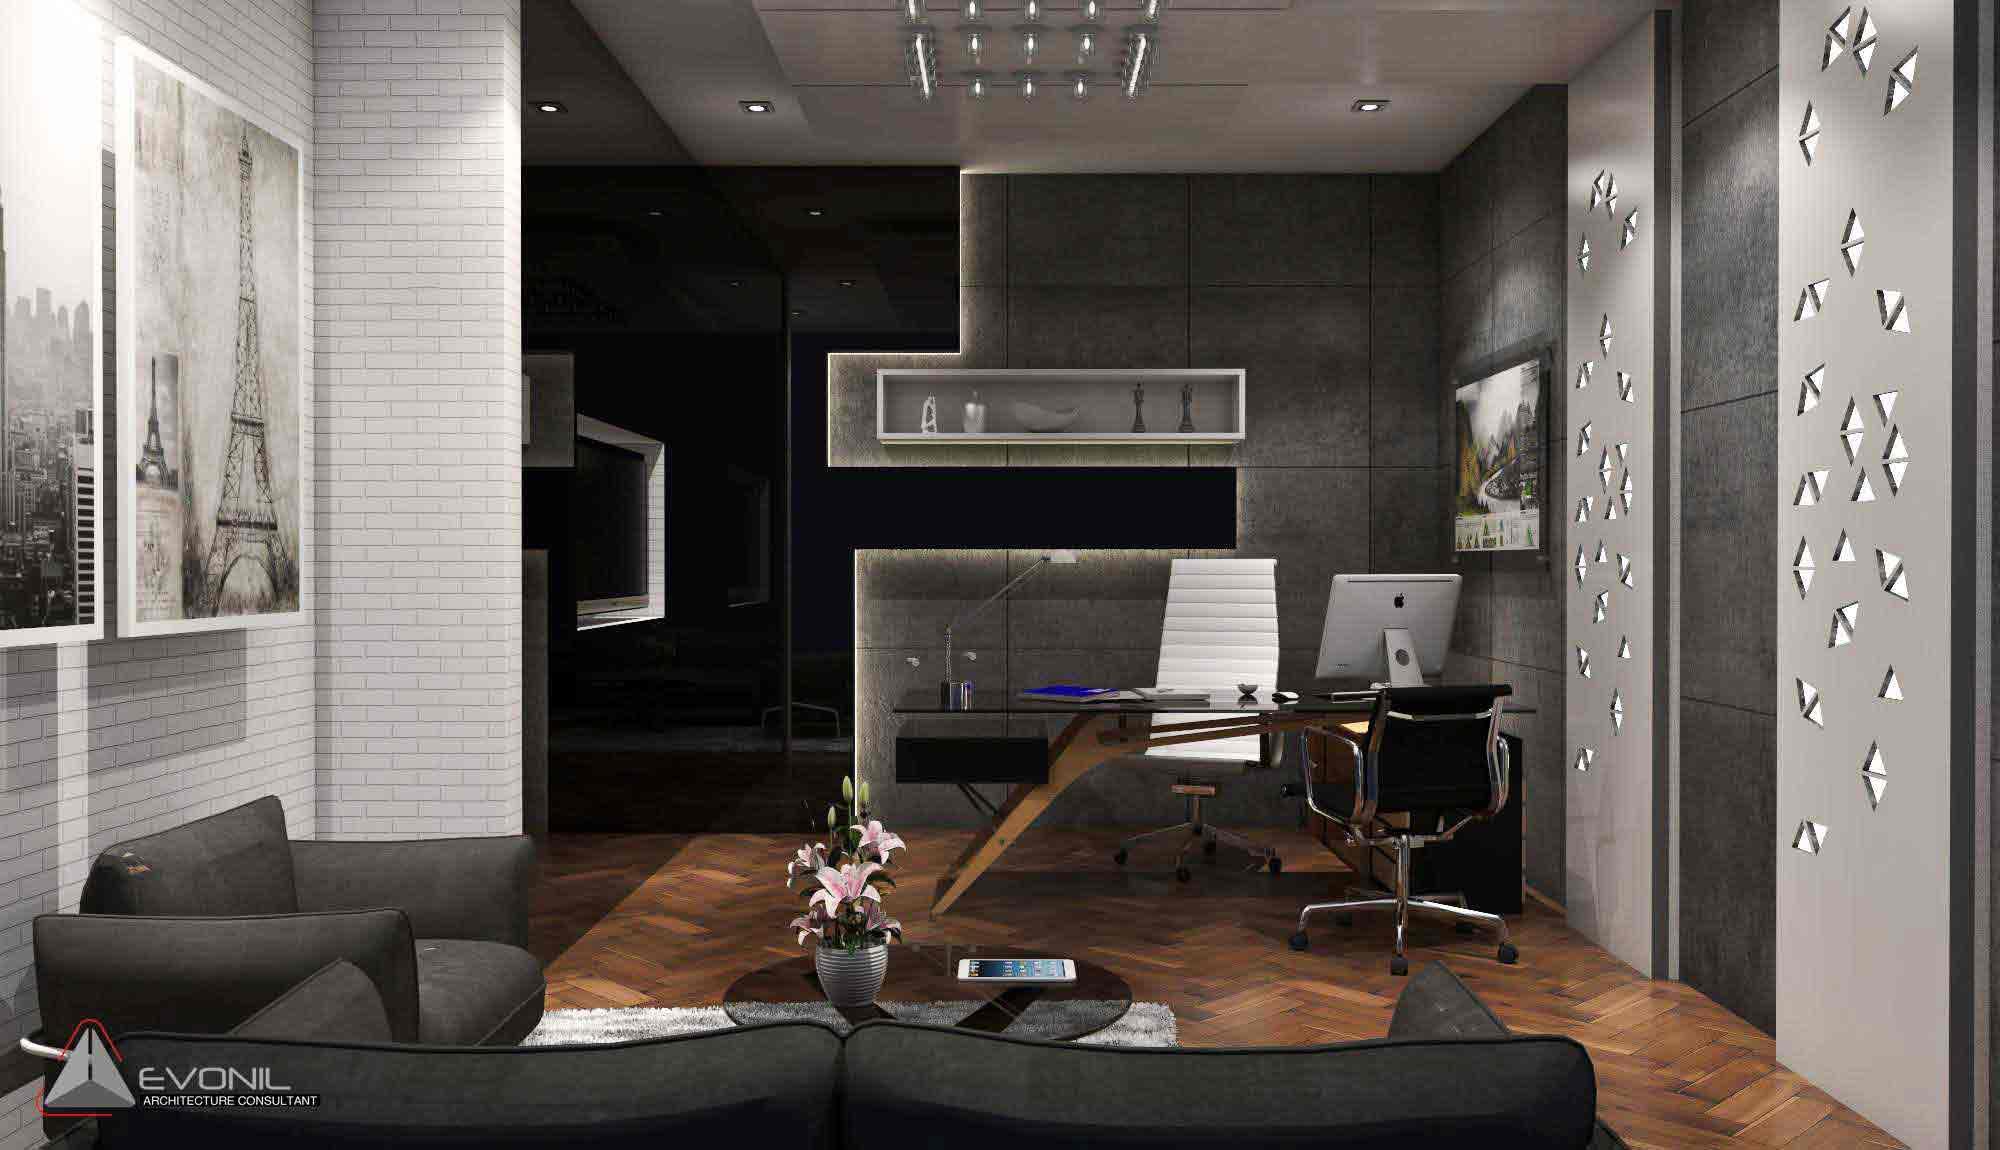 Desain meja kerja yang super sleek sebagai cerminan desain ruangan secara keseluruhan, ruang kerja karya Evonil Architecture, via arsitag.com